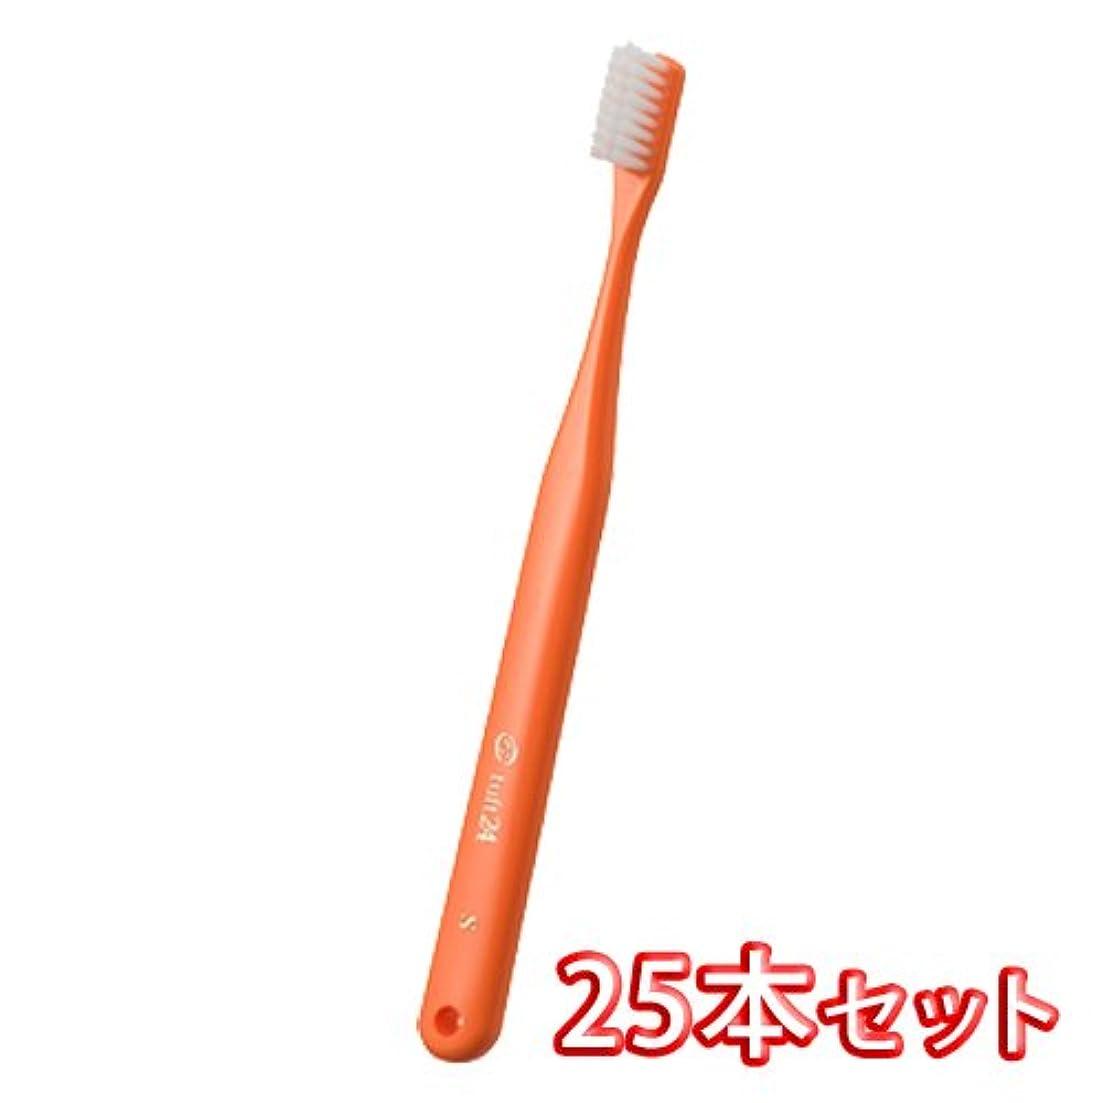 単調な文芸肺炎オーラルケア キャップ付き タフト 24 歯ブラシ スーパーソフト 25本 (オレンジ)